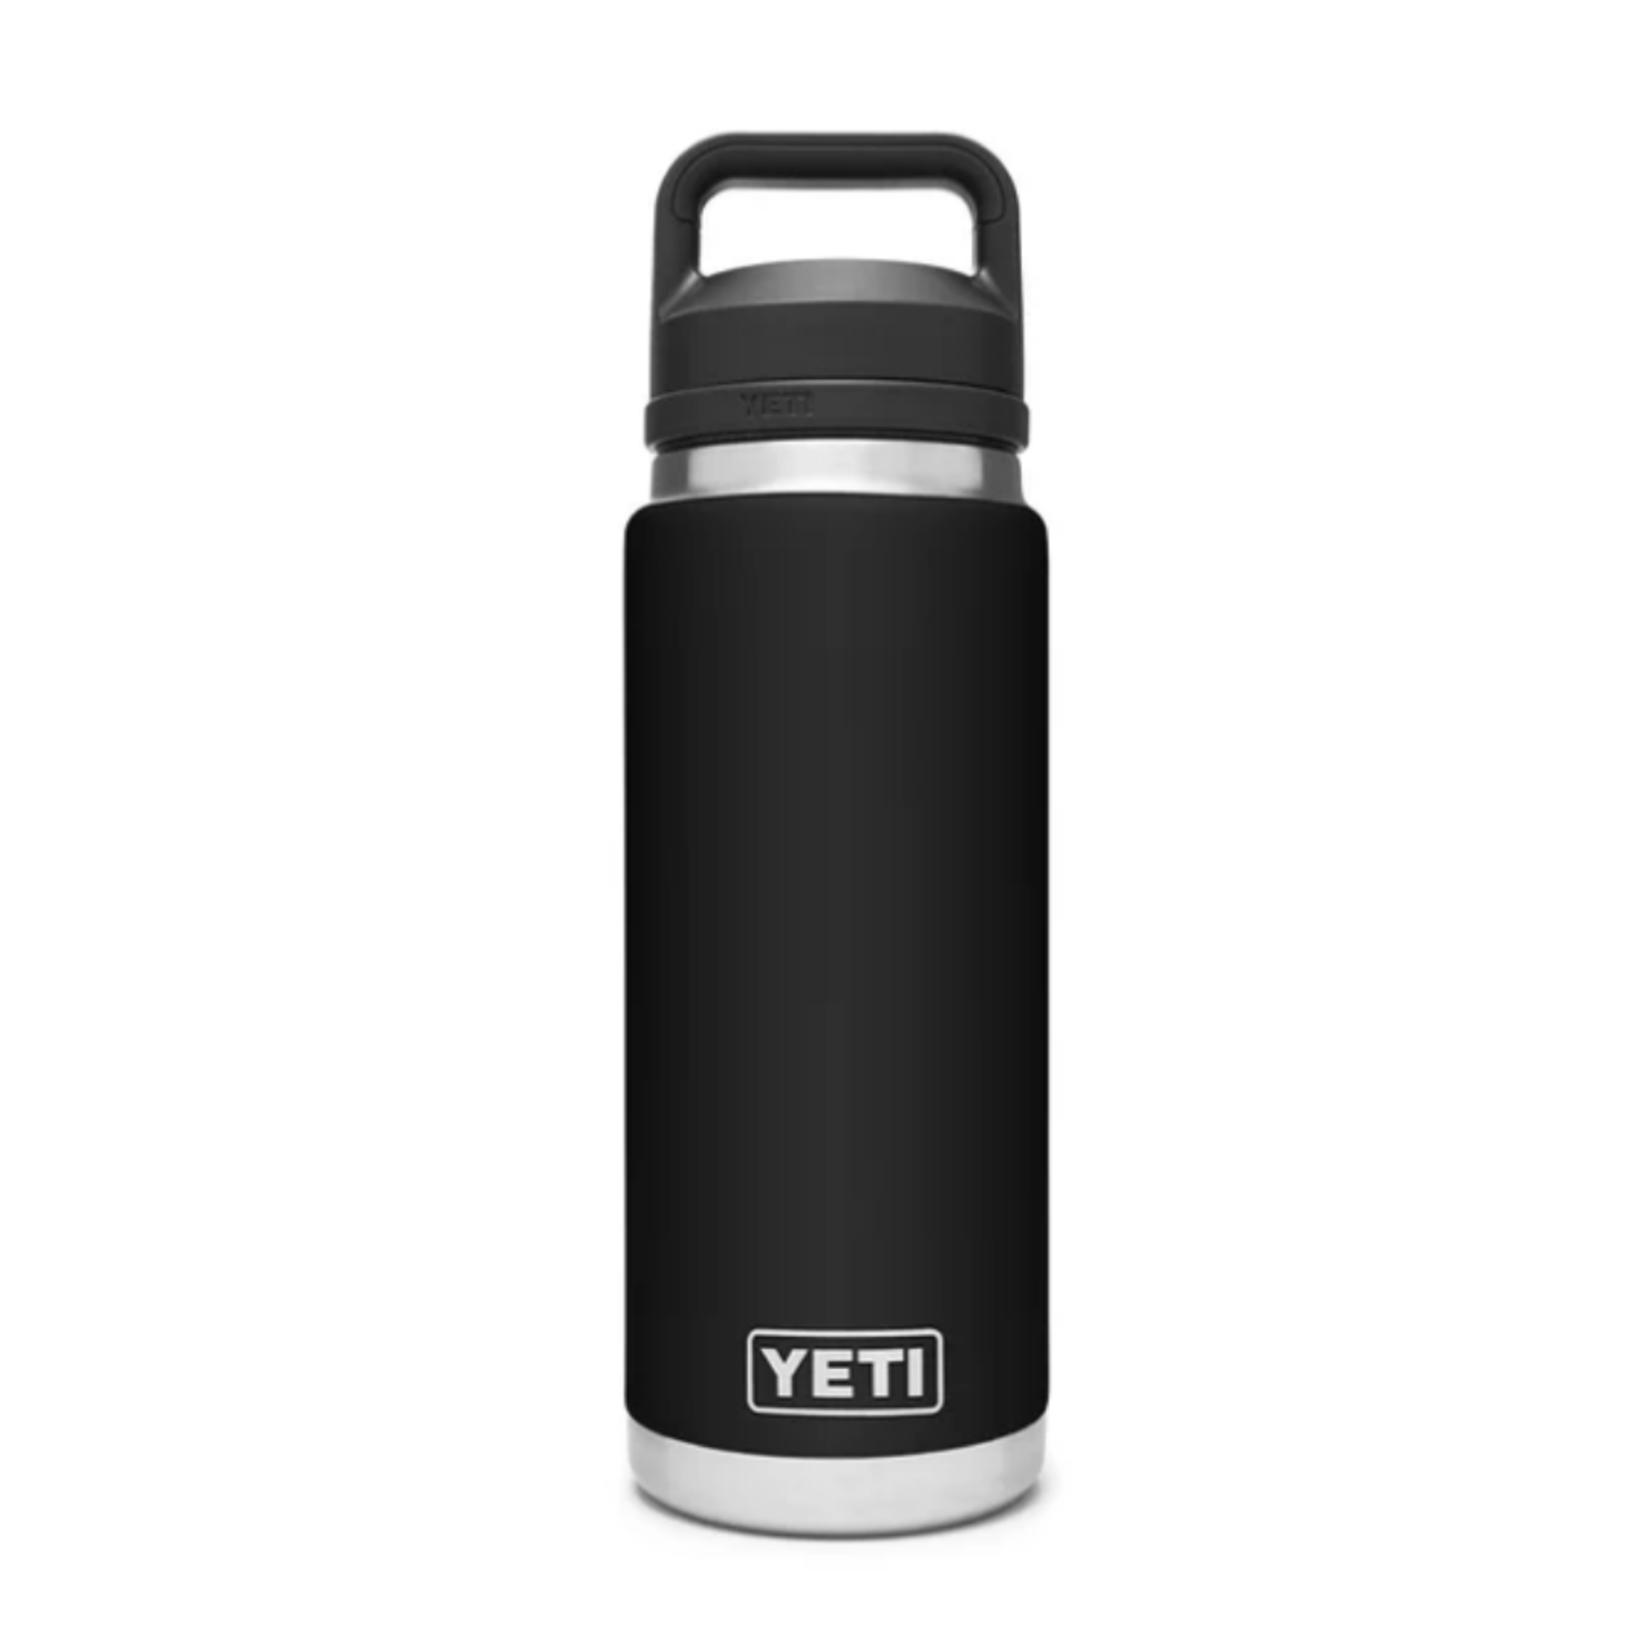 YETI Rambler 26oz Bottle w/ Chug Cap